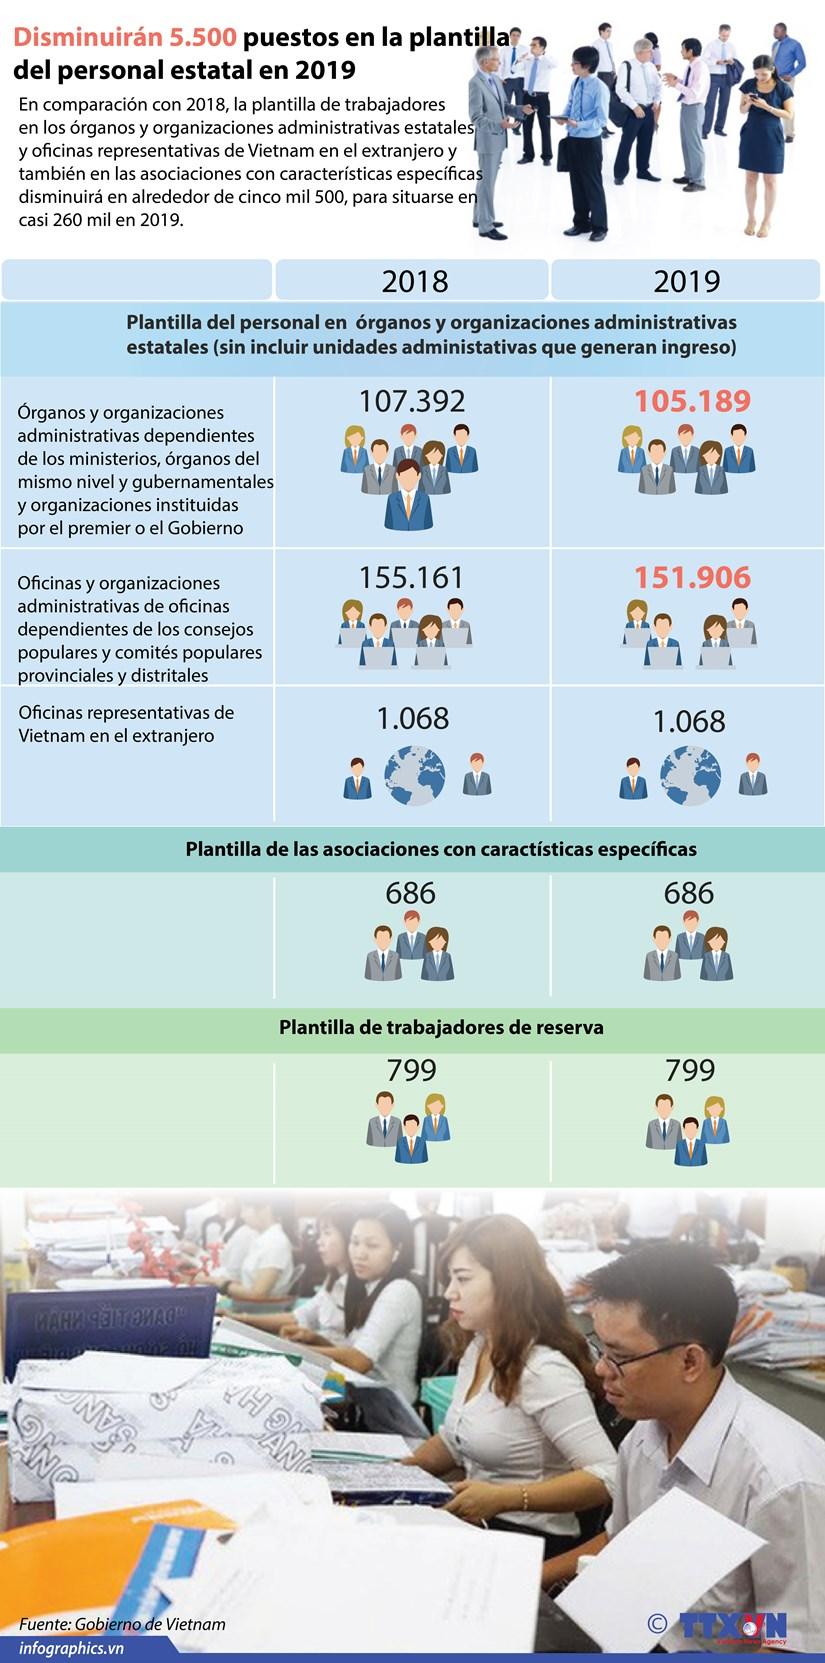 [Infografia] Disminuiran 5.500 puestos en la plantilla del personal estatal en 2019 hinh anh 1